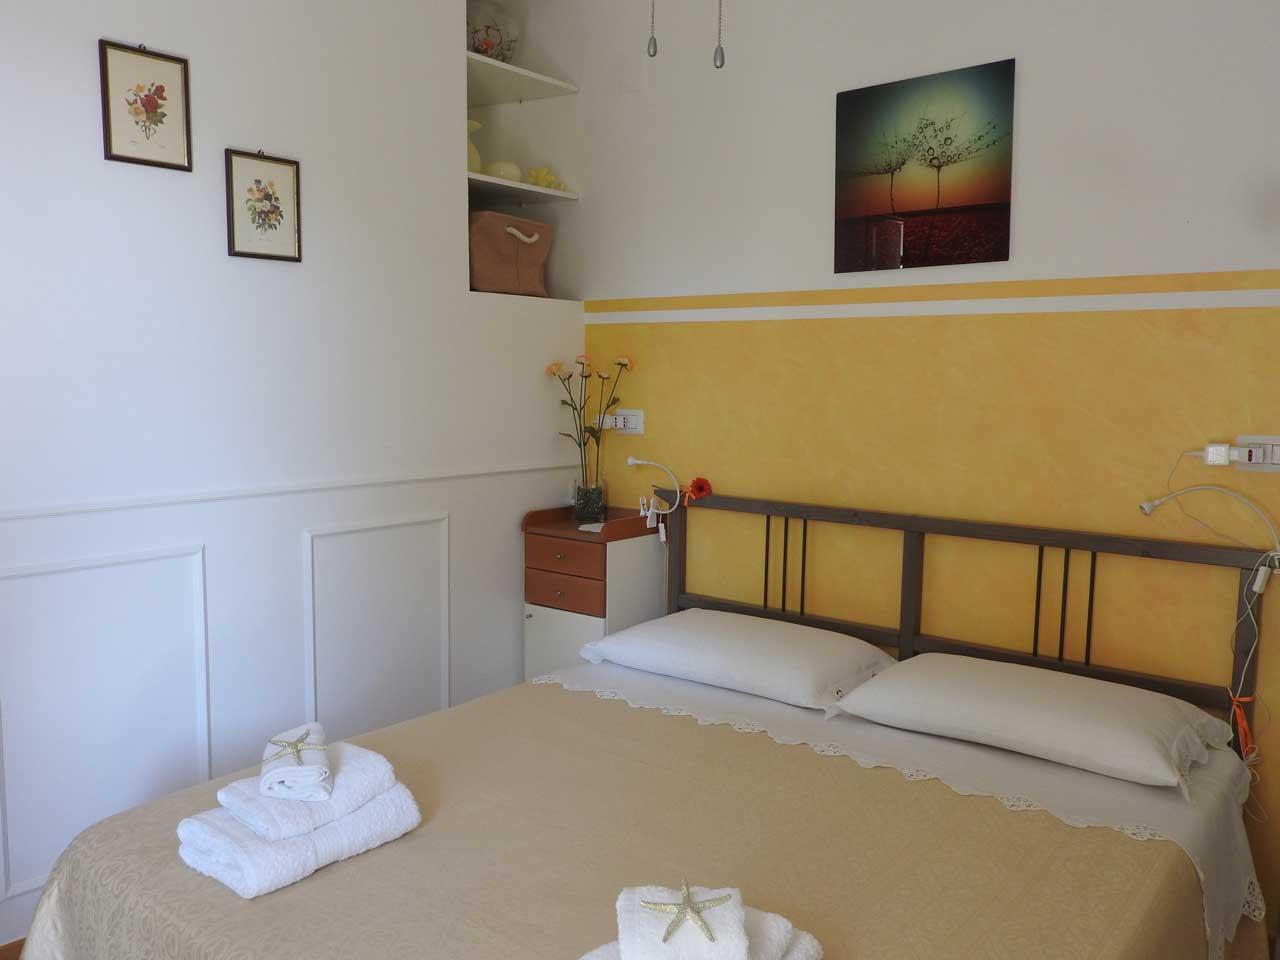 bed and breakfast Cristina Palinuro camera Cavalluccio